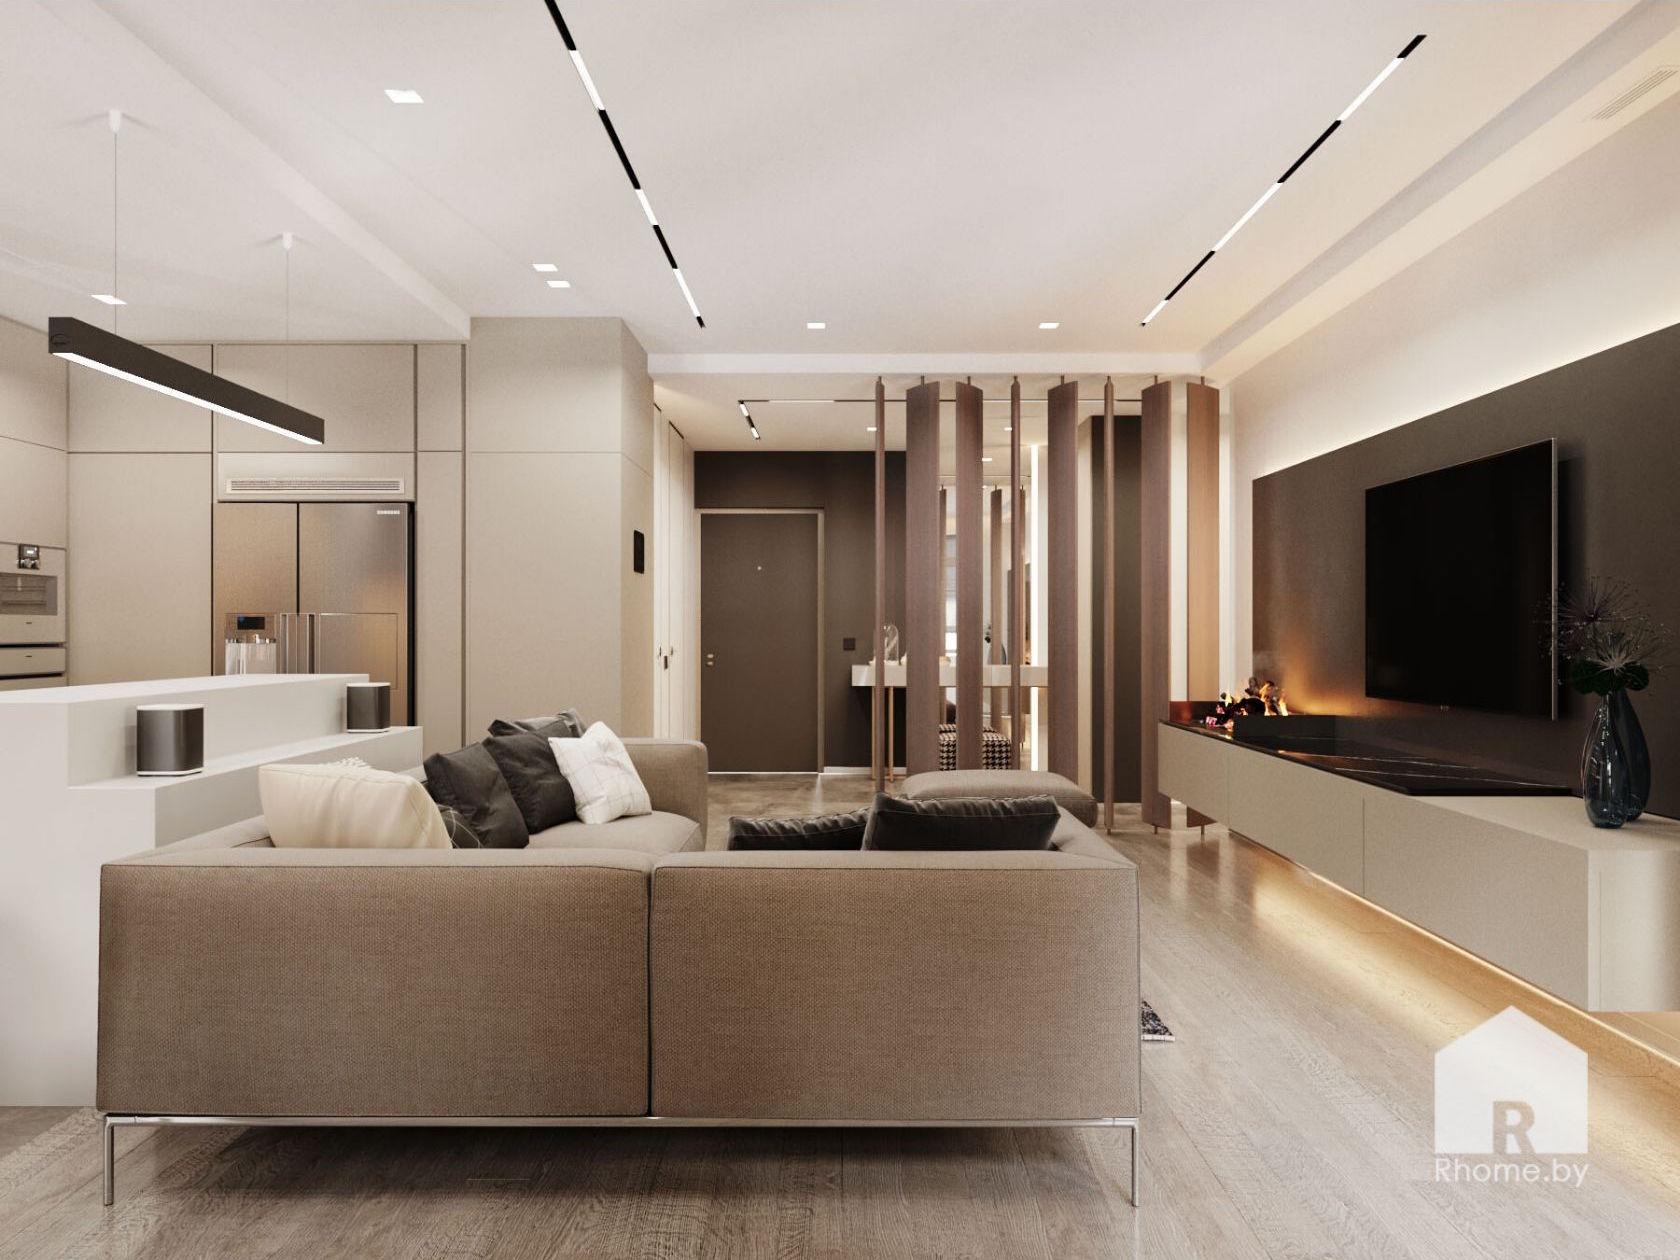 Большая гостиная в бежевых тонах с диваном, телевизором и эклектрокамином